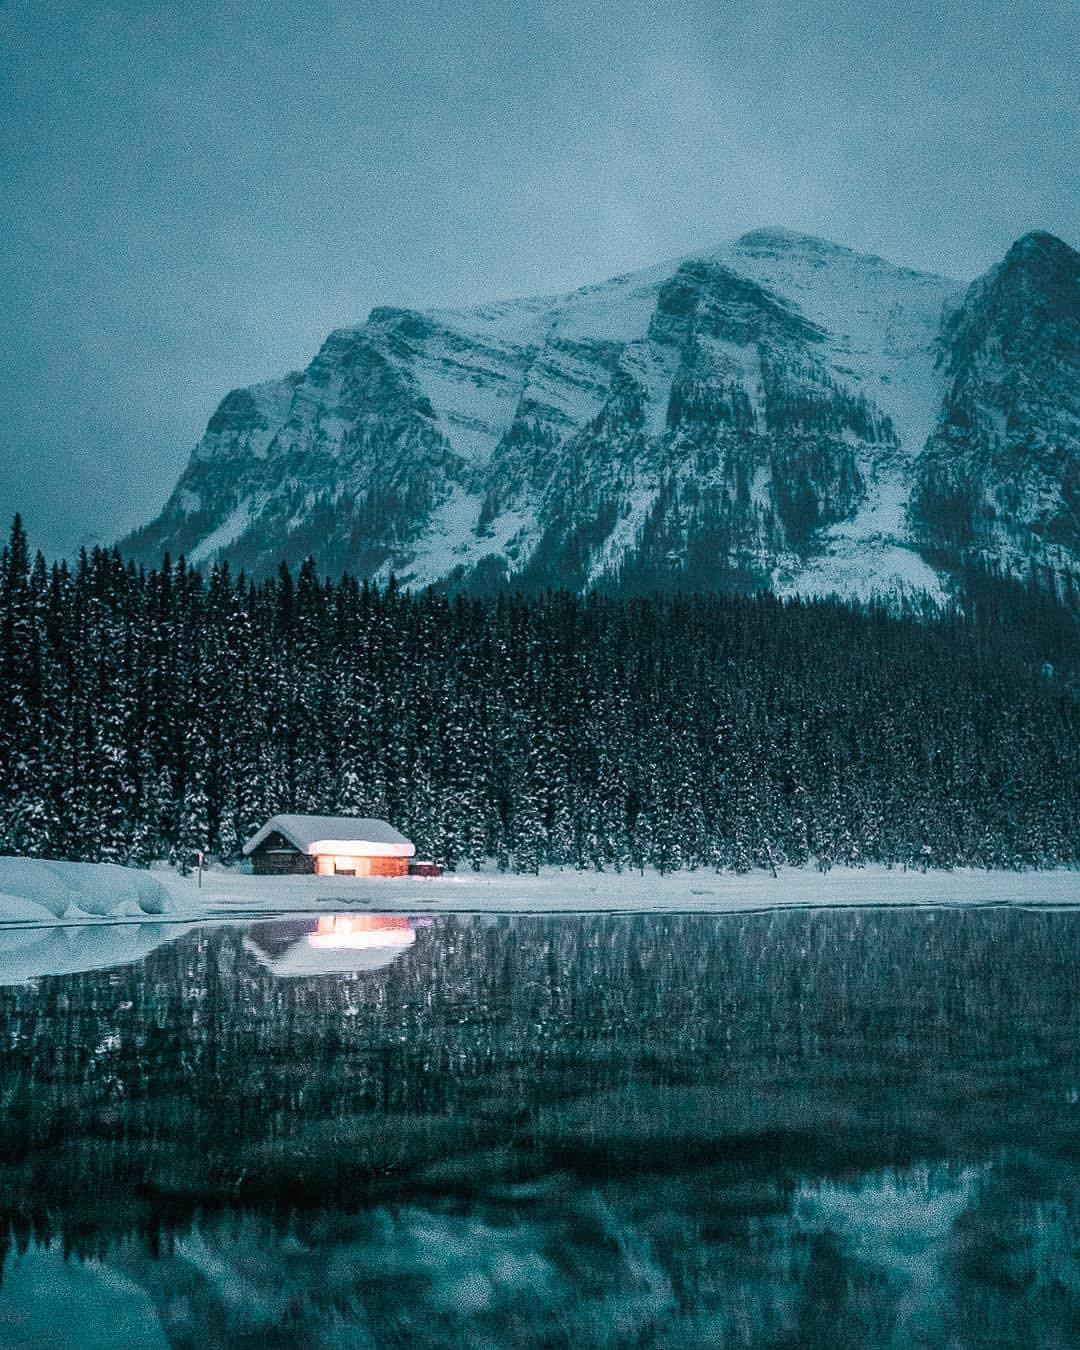 Có gì hay ở hồ nước màu xanh ngọc bích được mệnh danh là thiên đường trần gian ở Canada? - Ảnh 16.